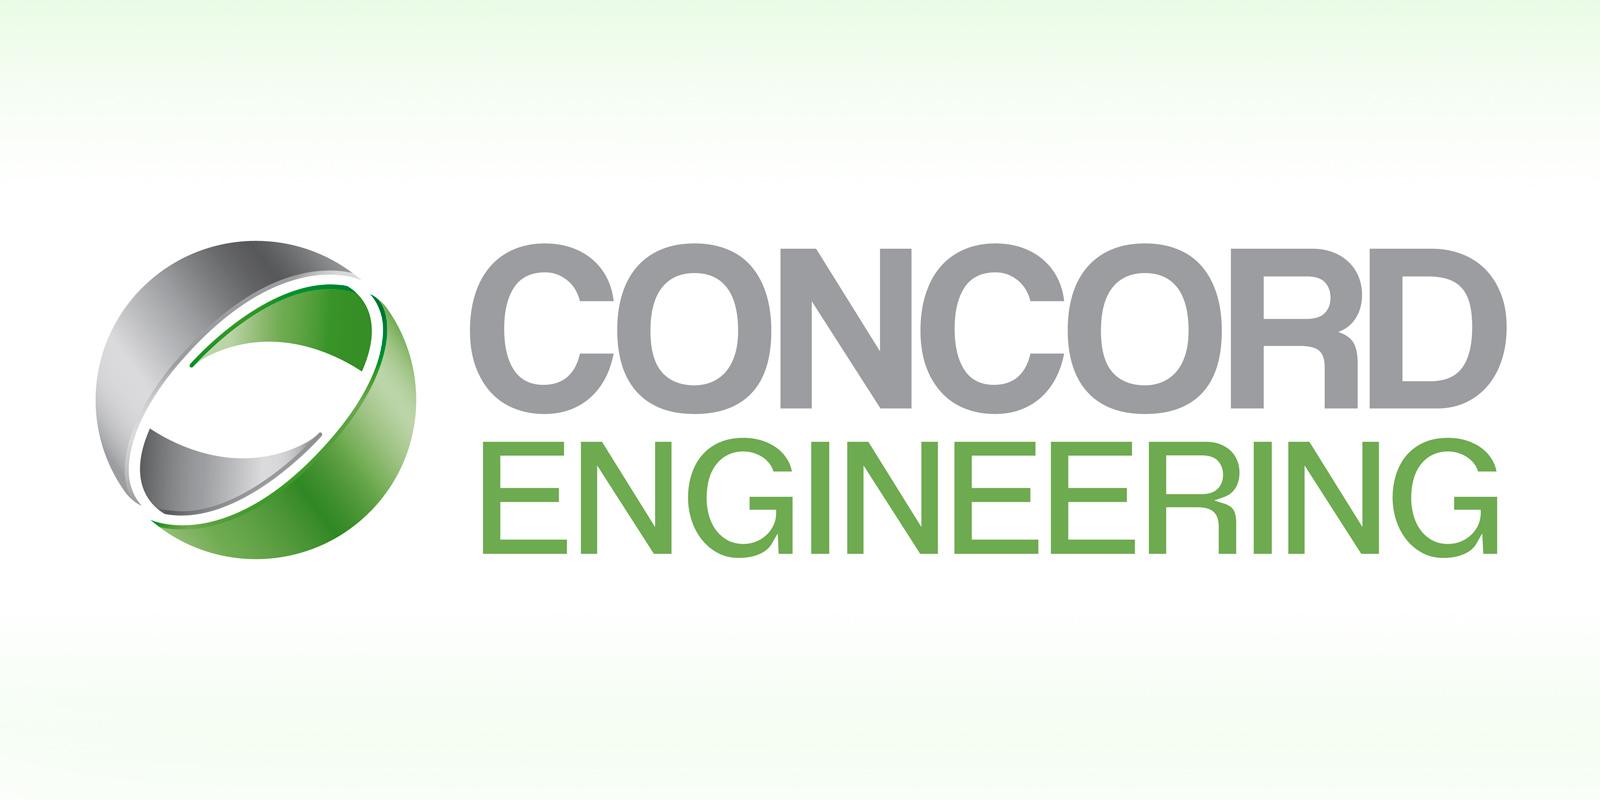 Concord Engineering;;;;;;Разработка логотипа;;;;;;<span>Клиент:</span> Concord Engineering;;;;;;;;;;;;Разработка логотипа;;;;;; 1 ;;;;;;